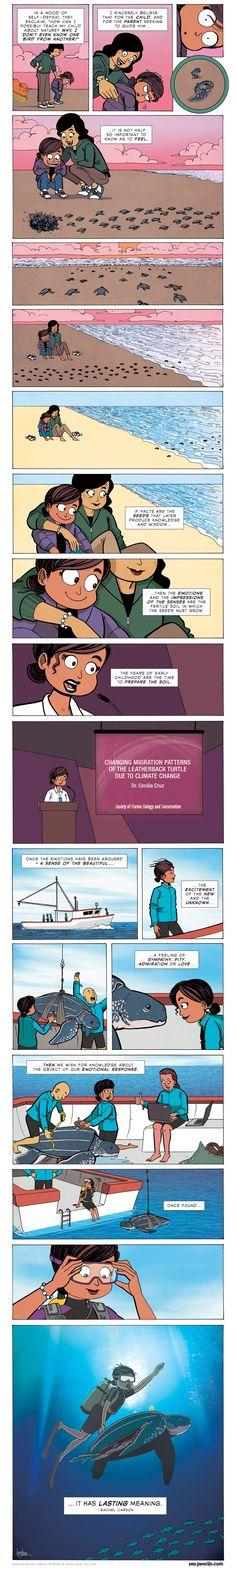 Asombro y emoción, un cómic con Rachel Carson como protagonista